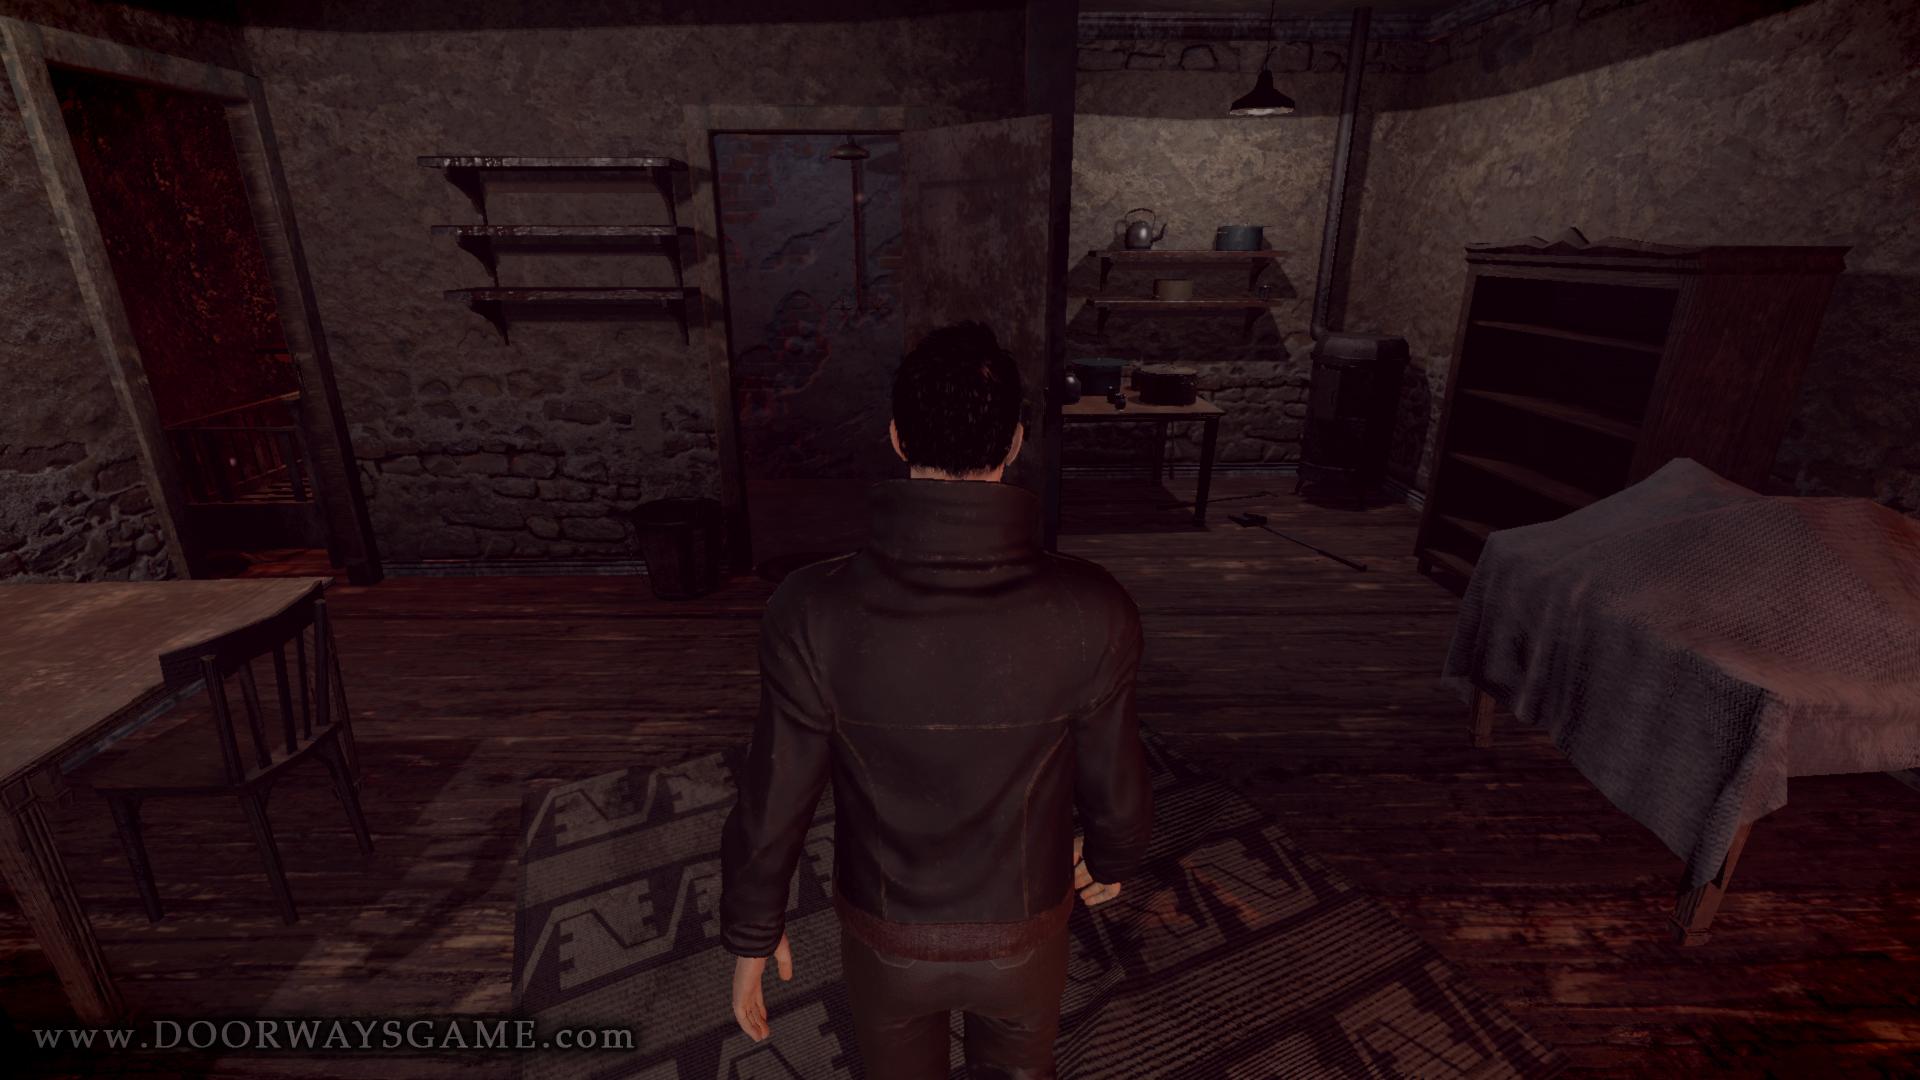 Doorways: Holy Mountains of Flesh Screenshot 3